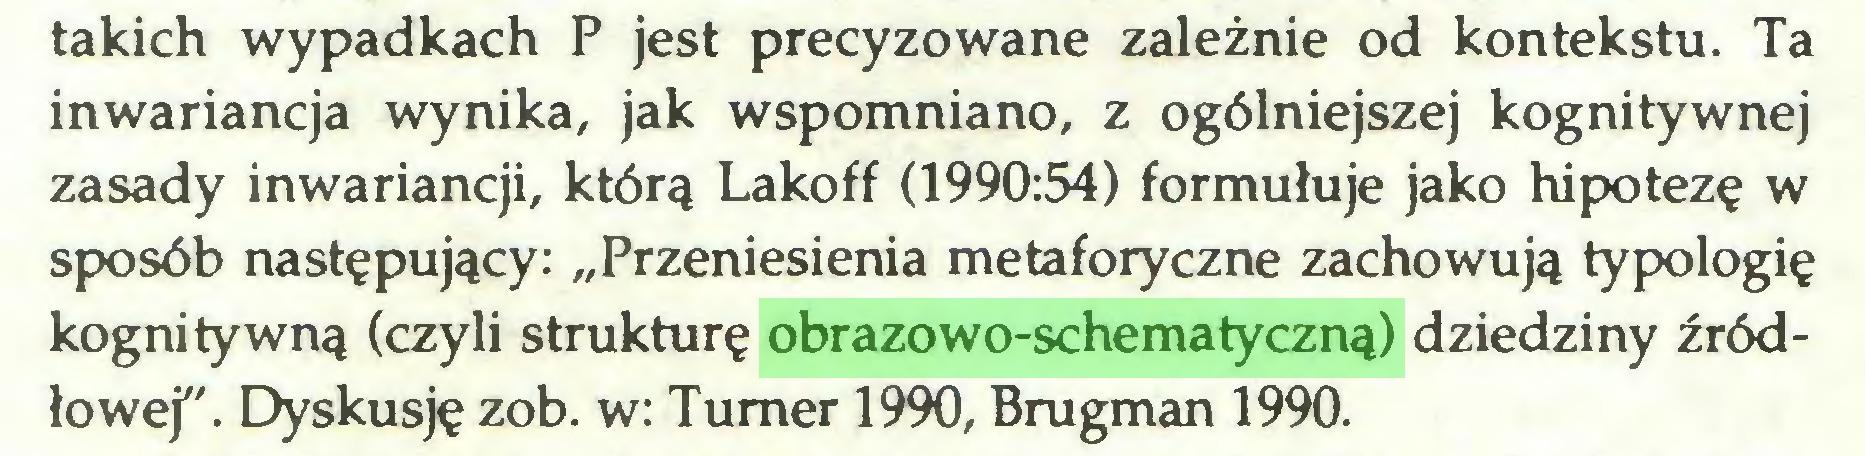 """(...) takich wypadkach P jest precyzowane zależnie od kontekstu. Ta inwariancja wynika, jak wspomniano, z ogólniejszej kognitywnej zasady inwariancji, którą Lakoff (1990:54) formułuje jako hipotezę w sposób następujący: """"Przeniesienia metaforyczne zachowują typologię kognitywną (czyli strukturę obrazowo-schematyczną) dziedziny źródłowej"""". Dyskusję zob. w: Turner 1990, Brugman 1990..."""